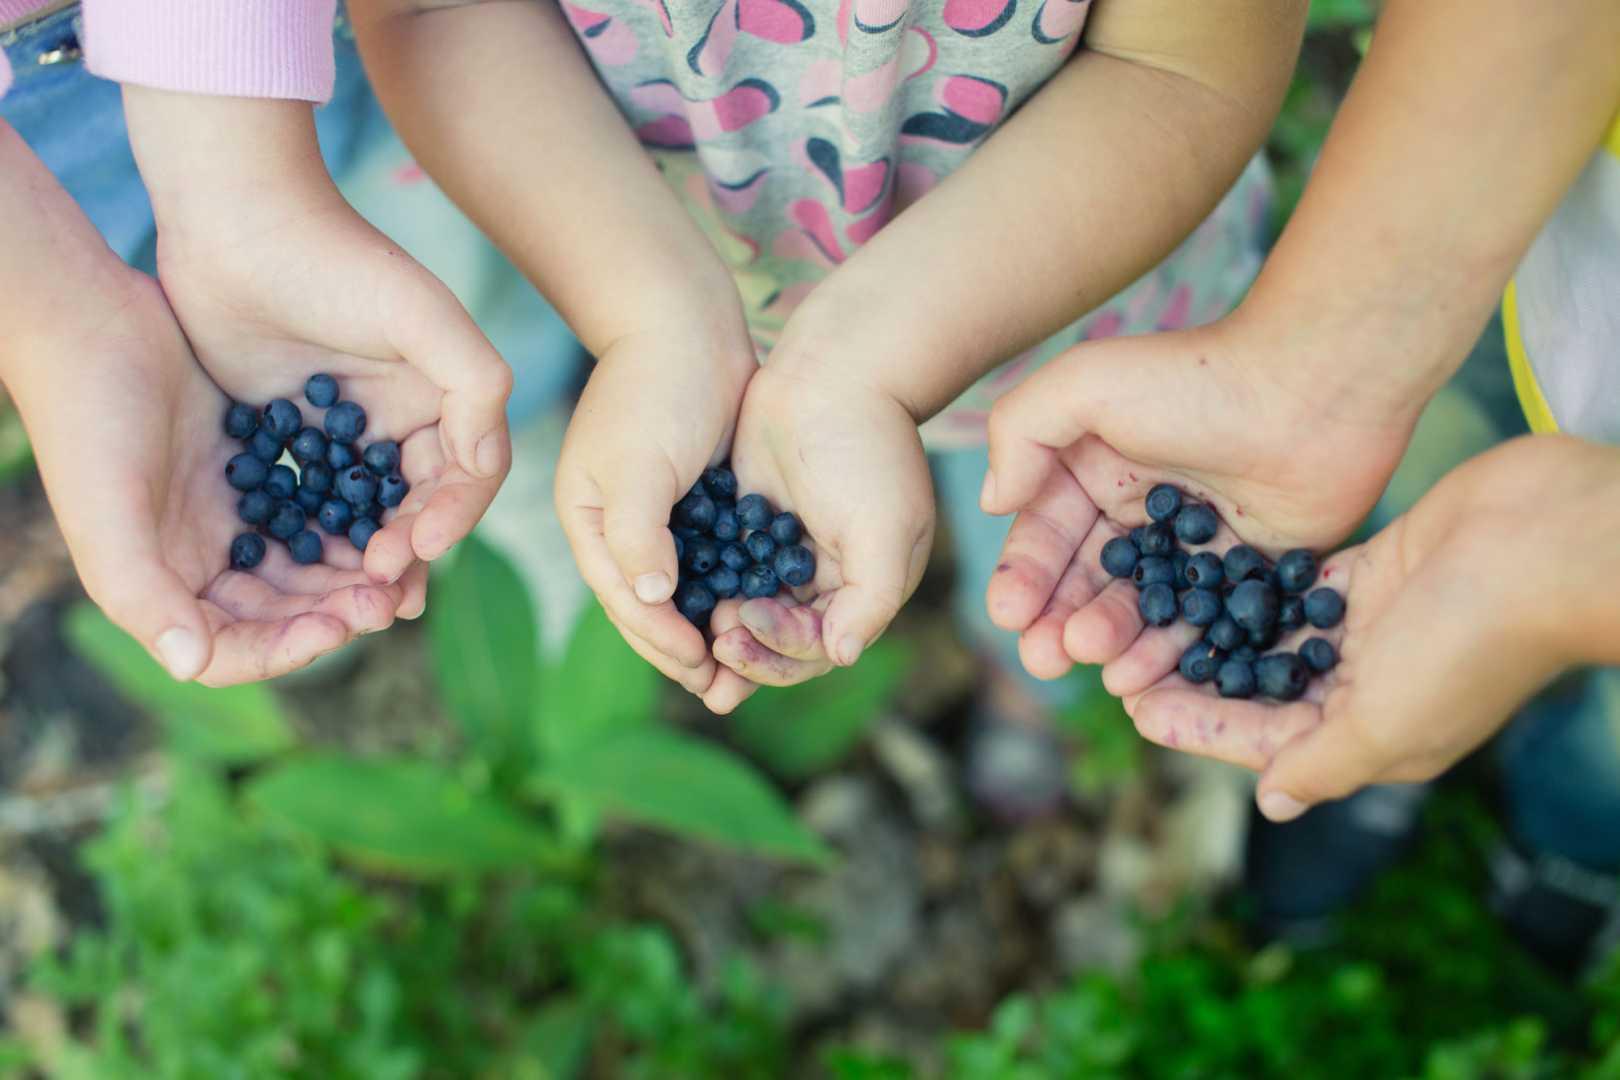 Nahaufnahme von Kindern, die frisch gepflückte Beeren in ihren Händen halten.